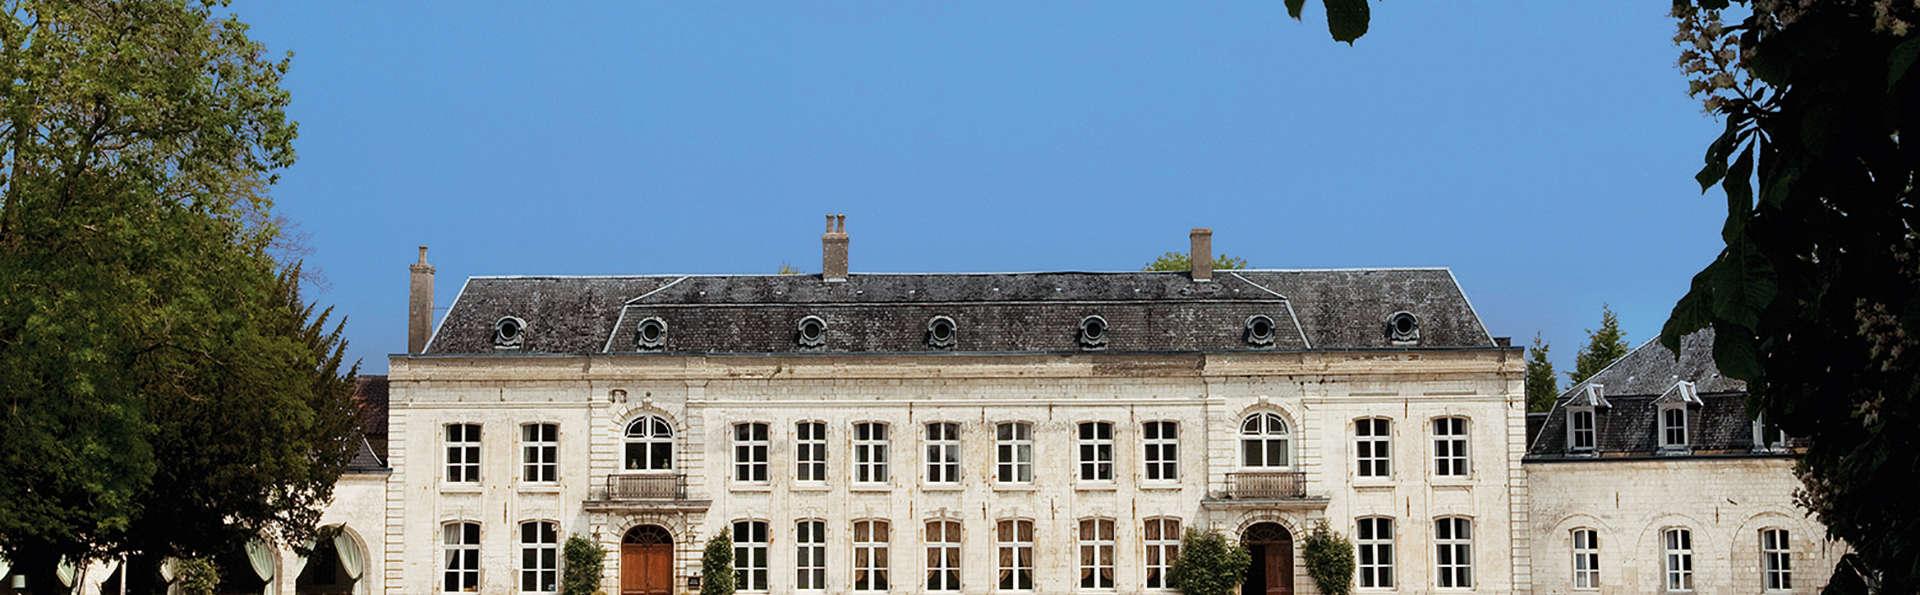 Séjour de luxe dans un beau château du XVIIIème siècle